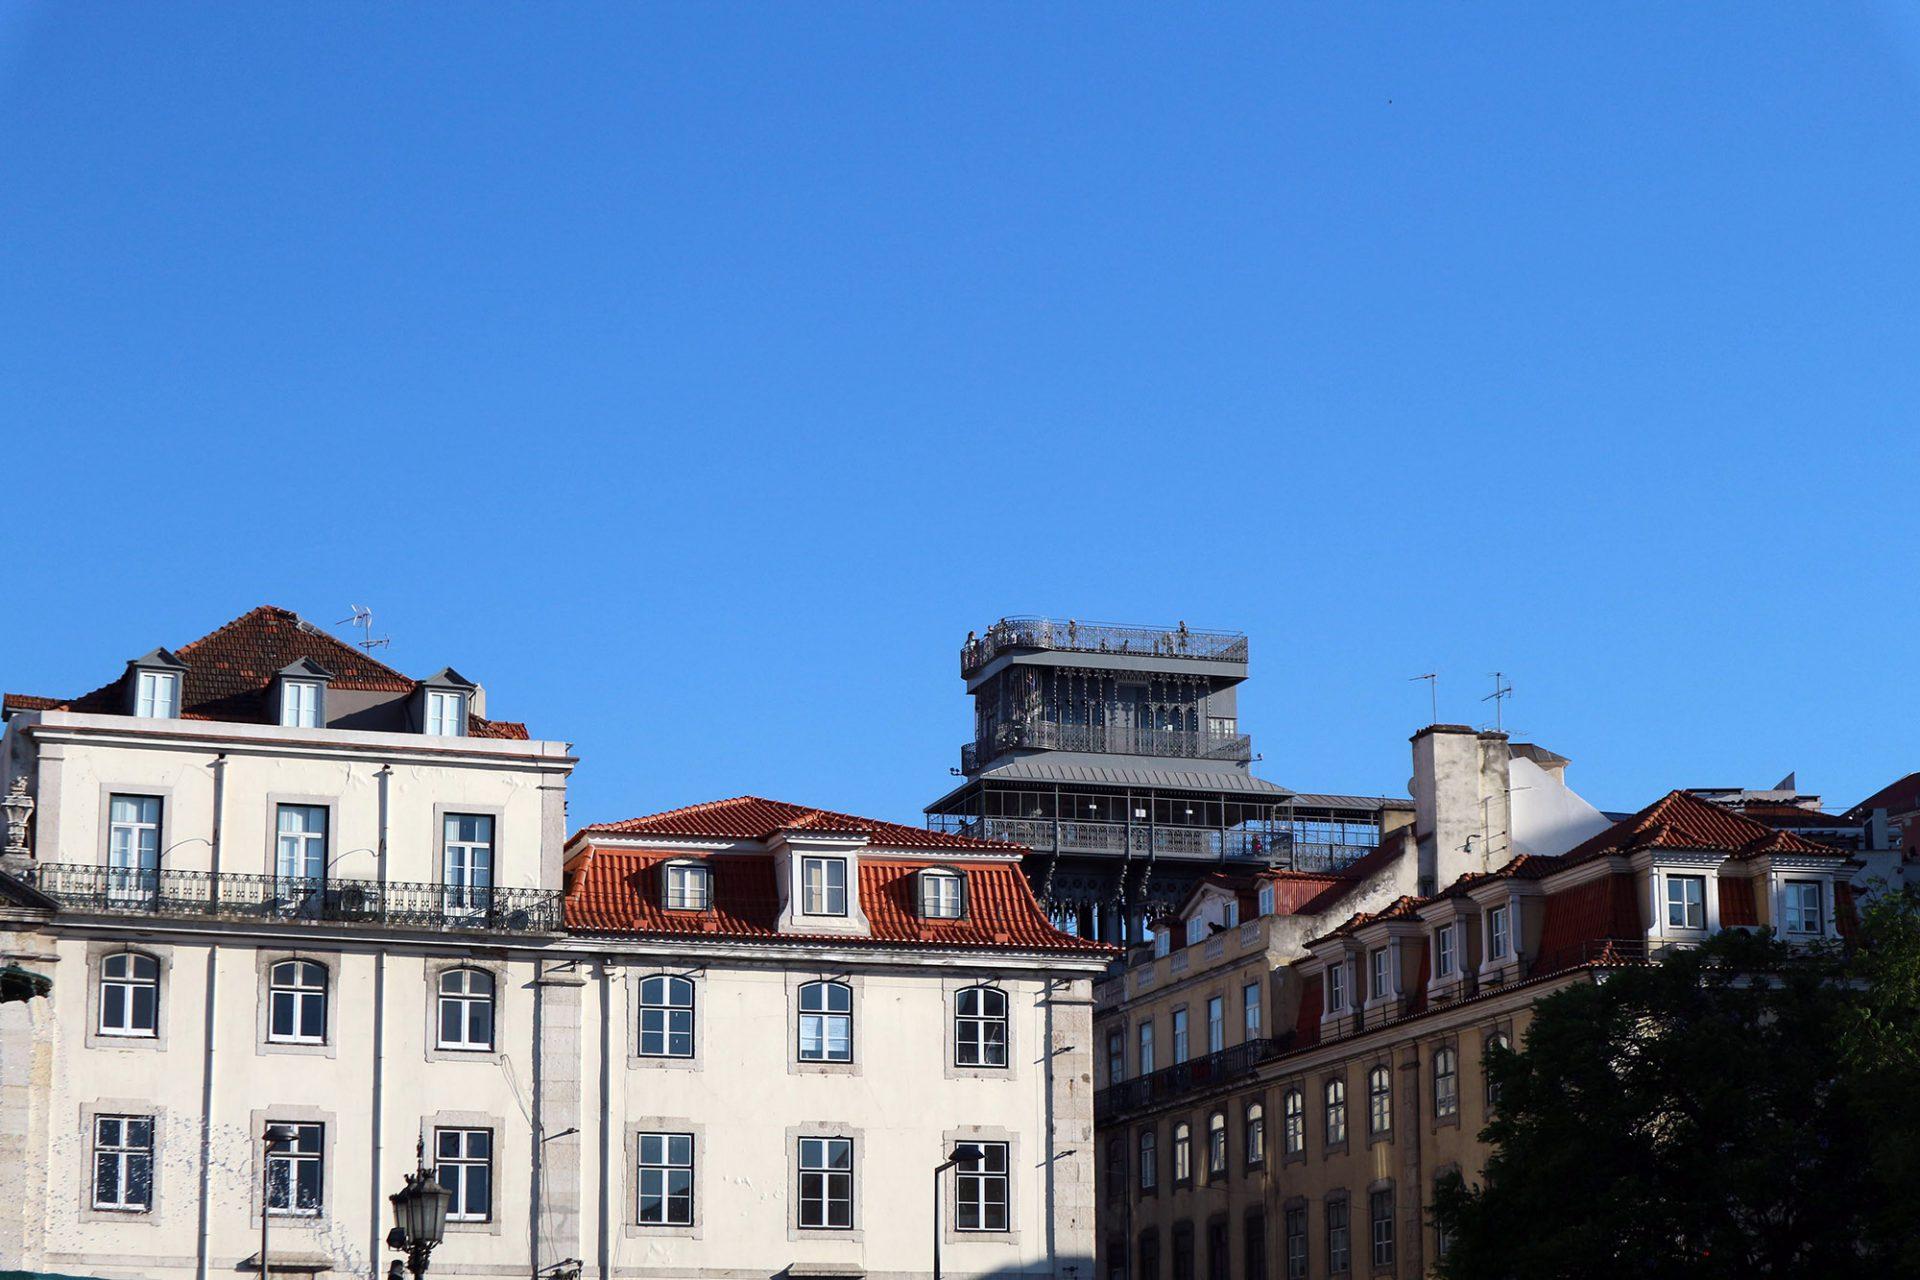 Elevador de Santa Justa.  Das Wahrzeichen Lissabons über den Dächern der Stadt.